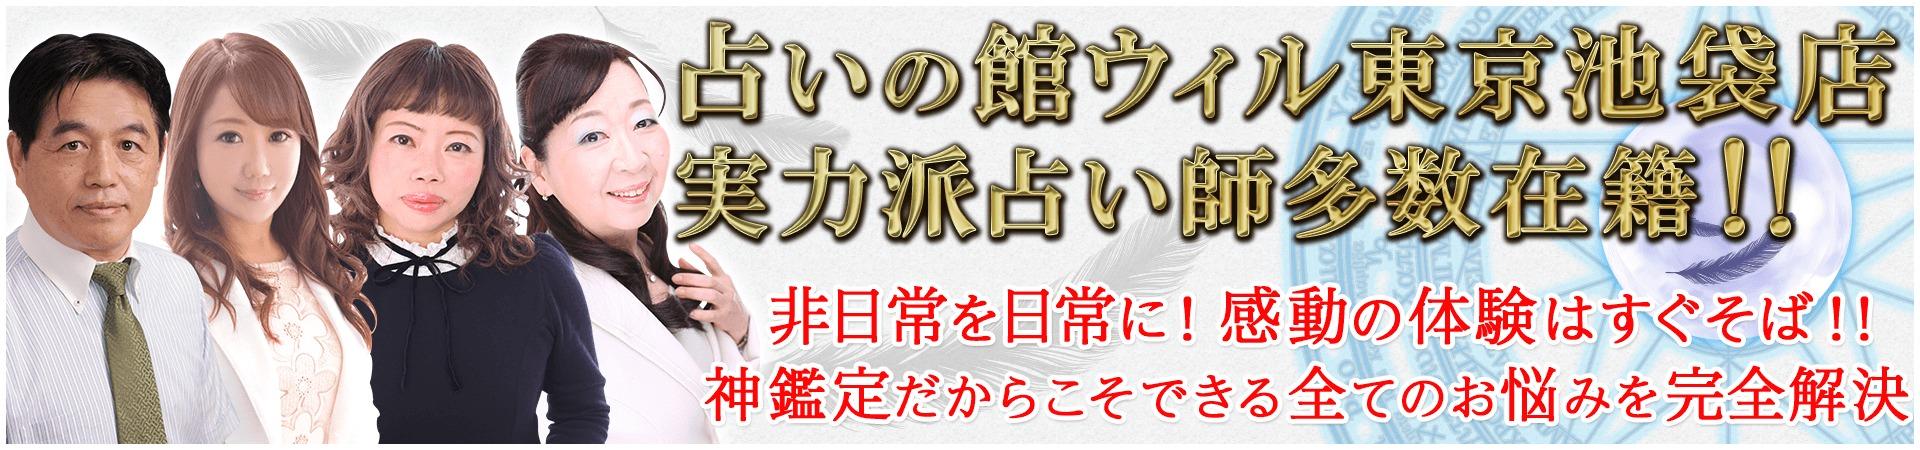 占いの館ウィル東京池袋店は実力は占い師が多数在籍